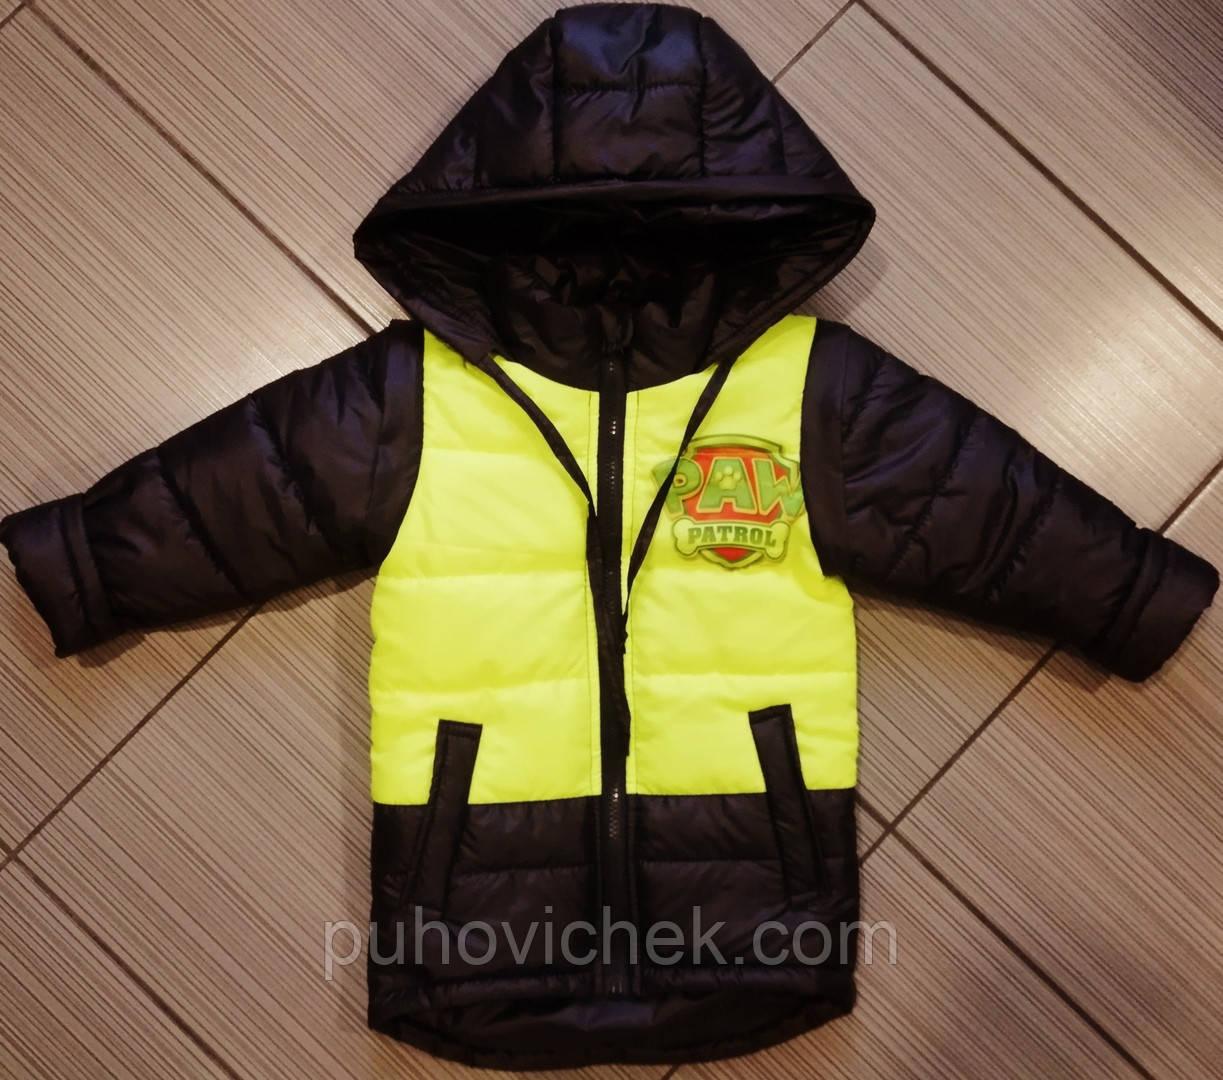 Детская куртка жилетка для мальчика весна осень с капюшоном